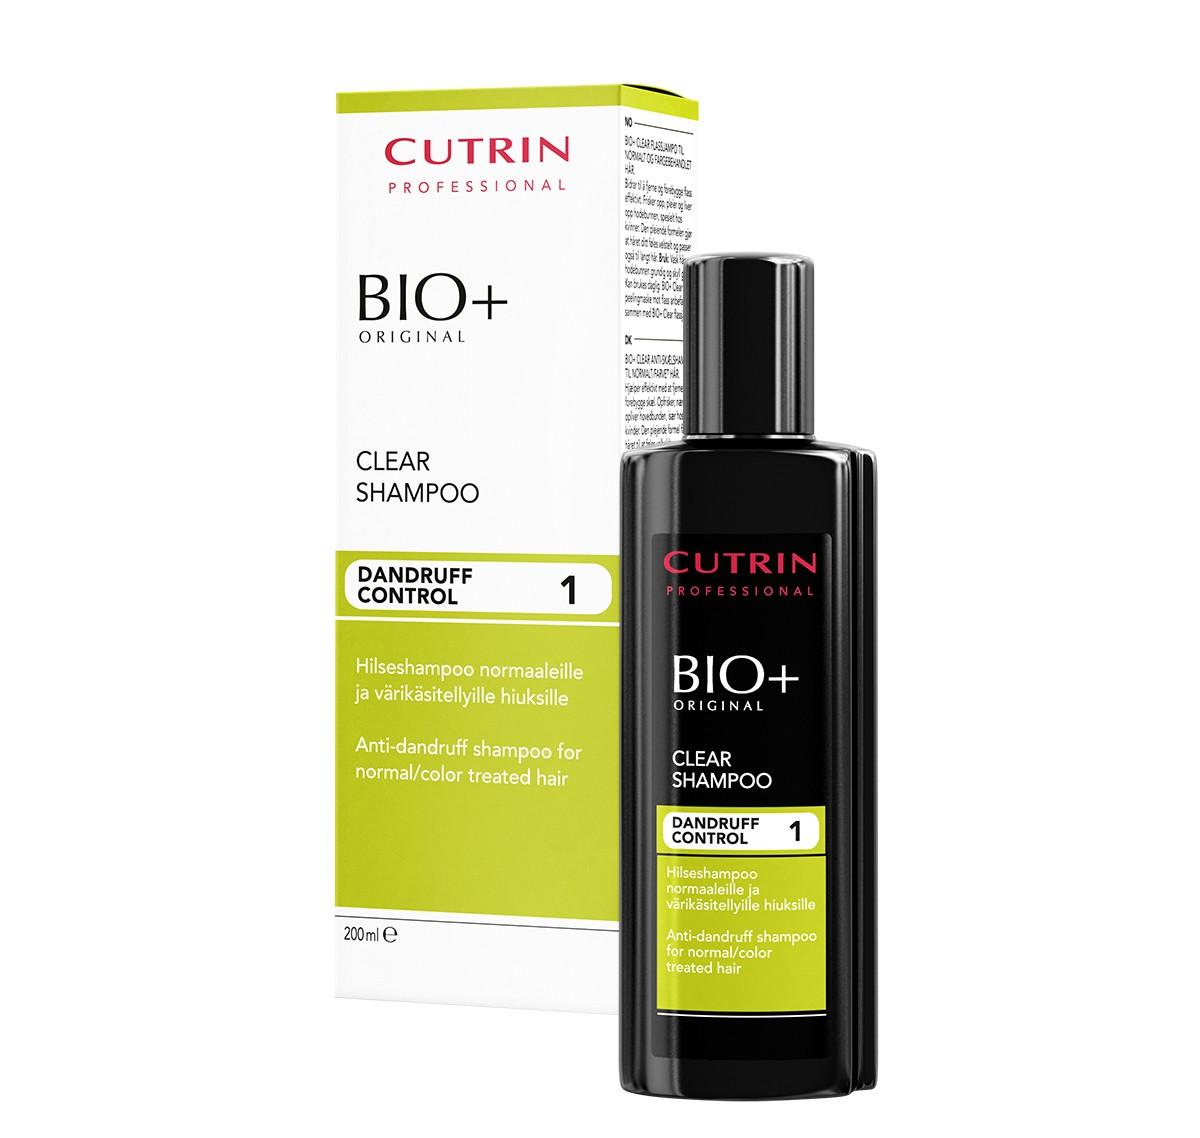 Cutrin Bio+ Шампунь против перхоти для нормальных и окрашенных волос, 200 млCUD06-14800Новая оригинальная отдушка цитруса, мяты и зеленого чая освежает волосы и кожу головы. Эффективно, но деликатно устраняет перхоть и предотвращает ее повторное появление. Делает волосы послушными, облегчает расчесывание. Подходит для ежедневного применения.